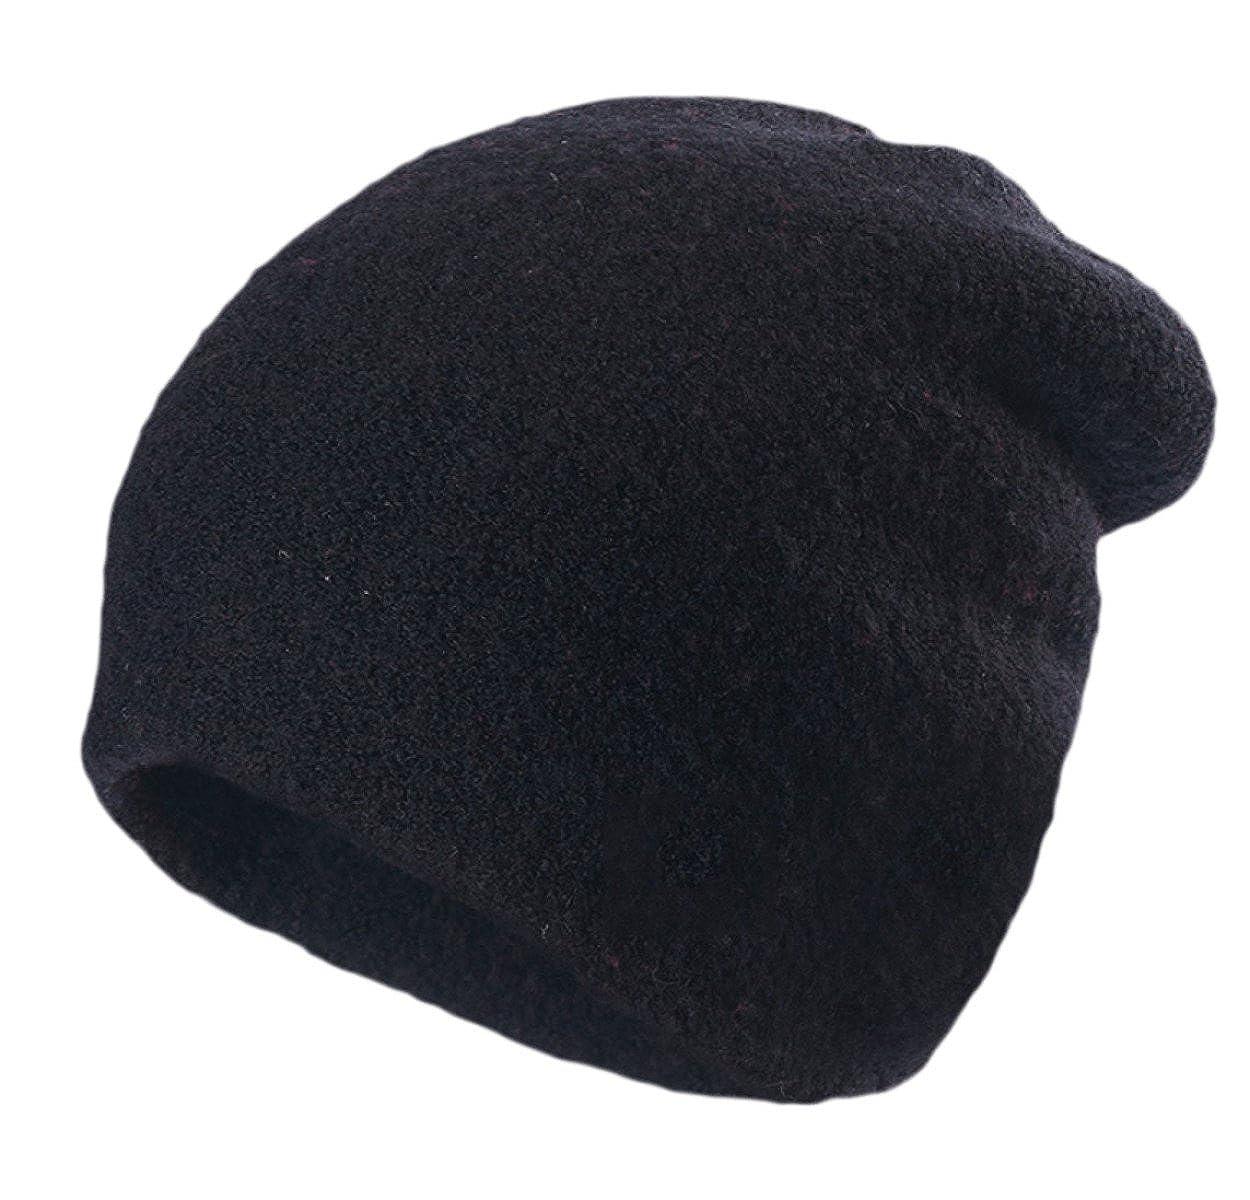 Snfgoij Herrenhüte Ski Caps Windschutzscheiben Winter Fleece Caps Russian Leder Bomber Hut Warm Knit Hats Outdoor Biking